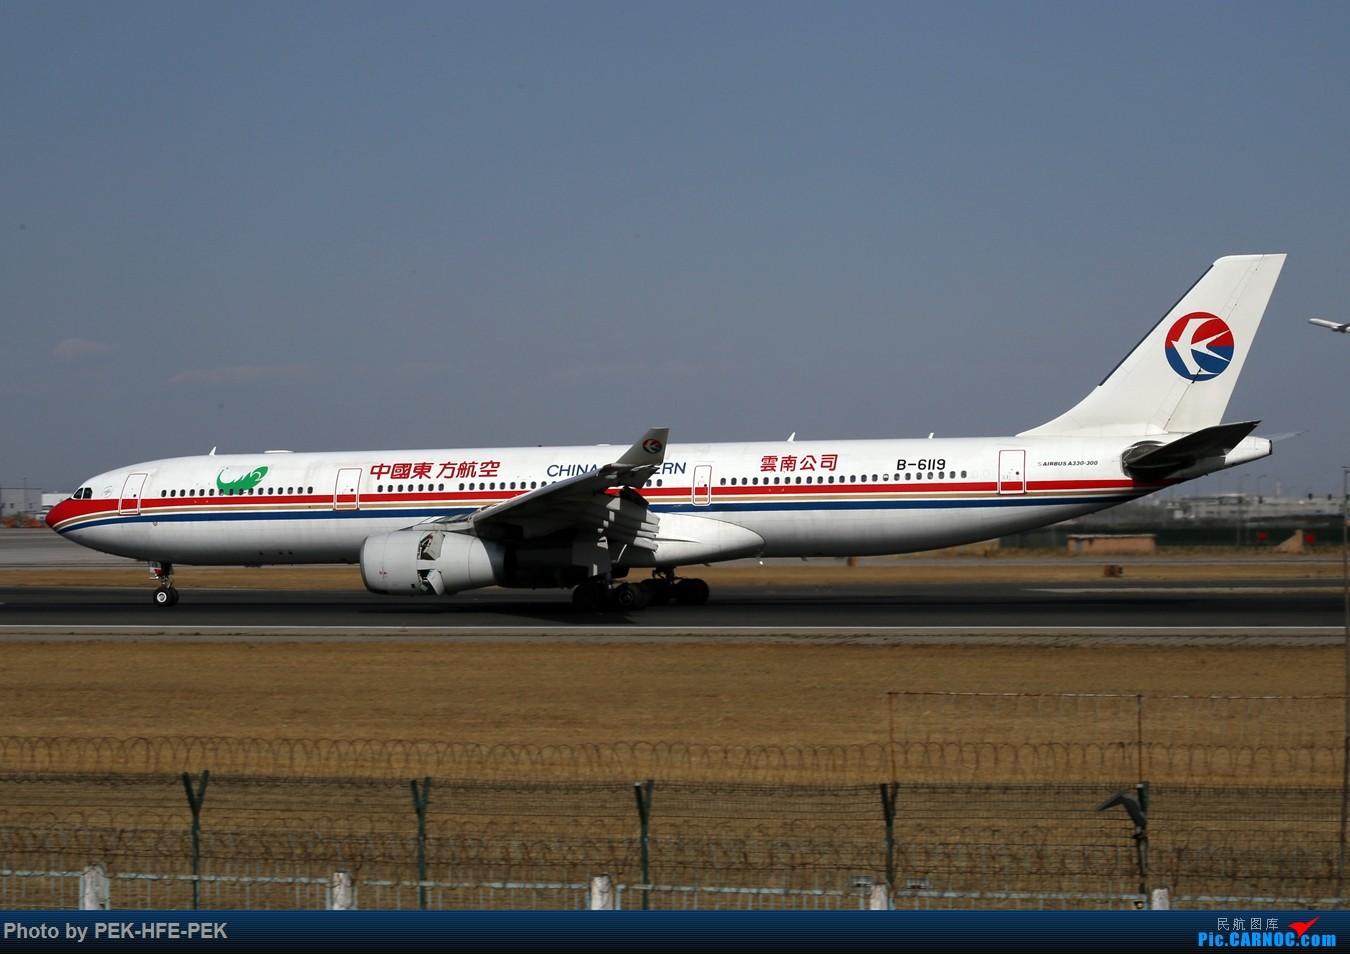 [原创][AutumnKwok]再见东航云南330-300涂装 AIRBUS A330-300 B-6119